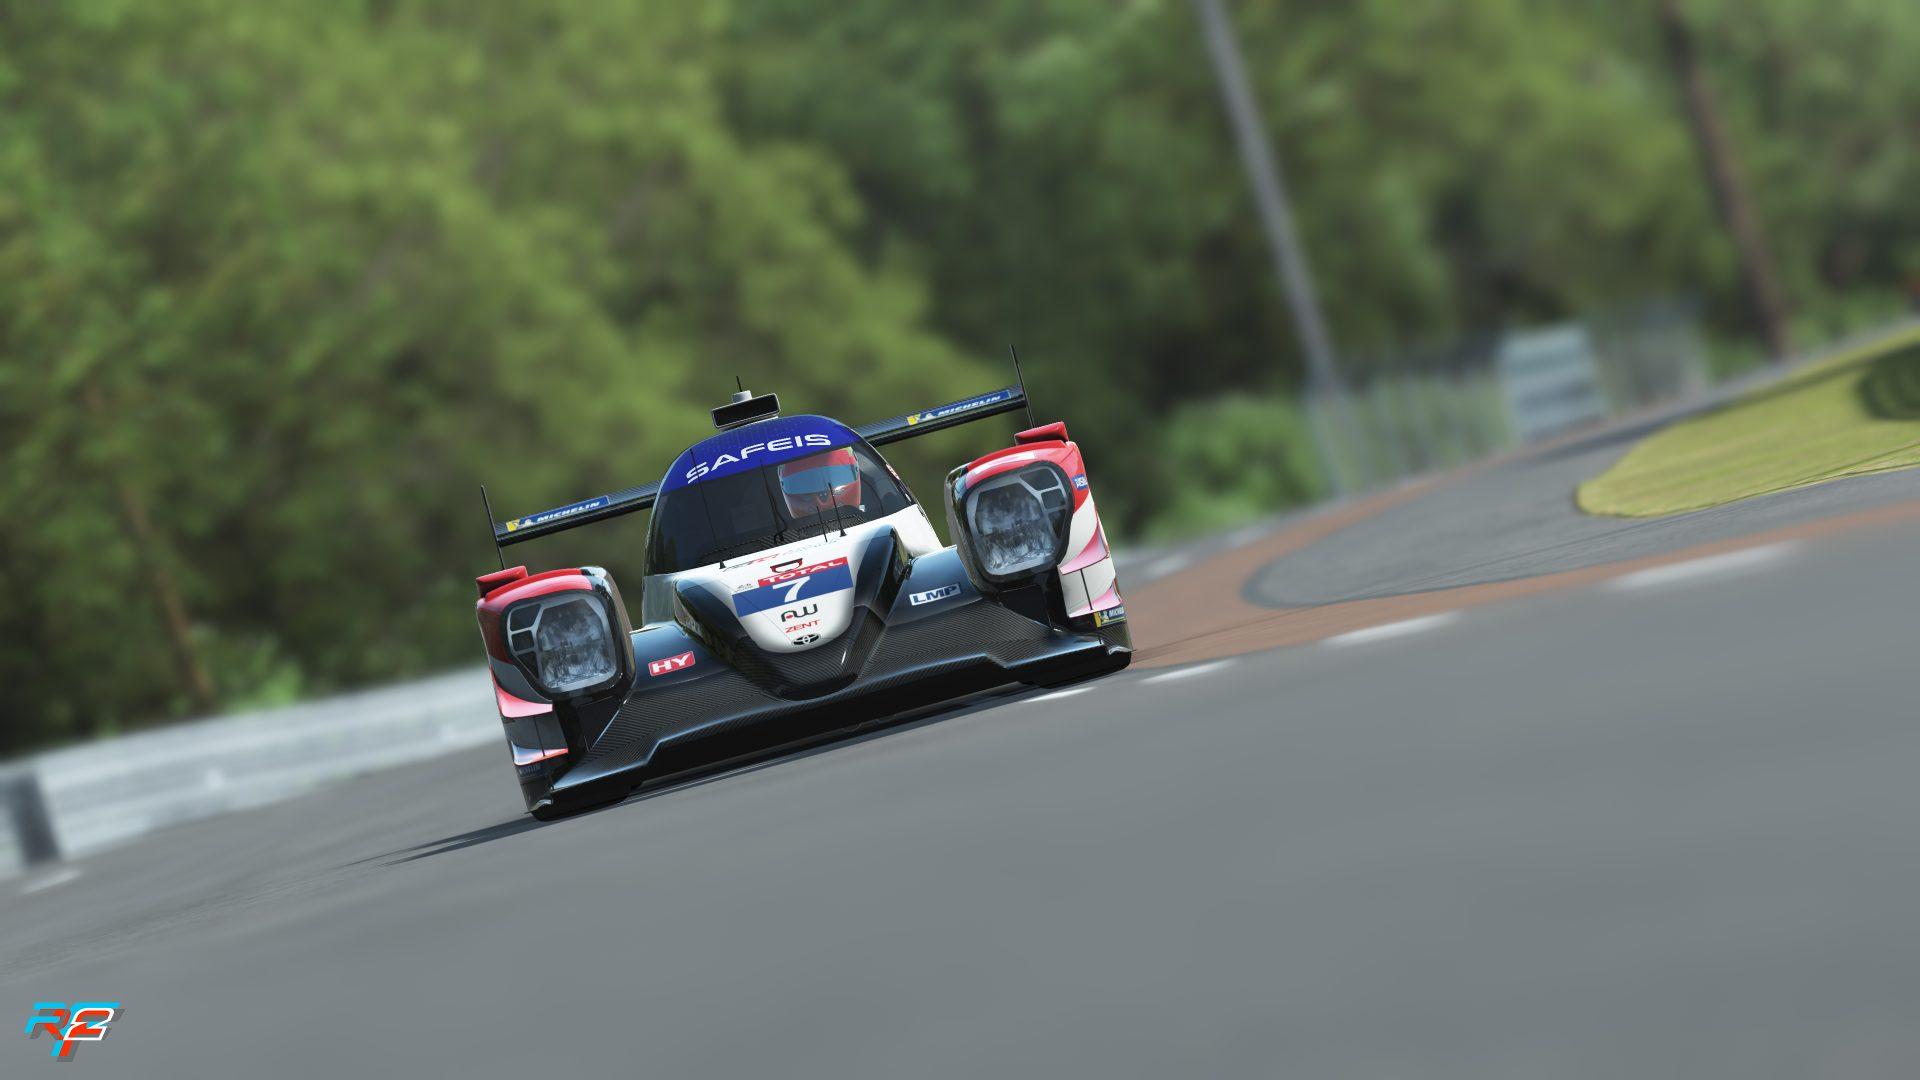 2020_Le_Mans_Virtual_02-1920x1080.jpg